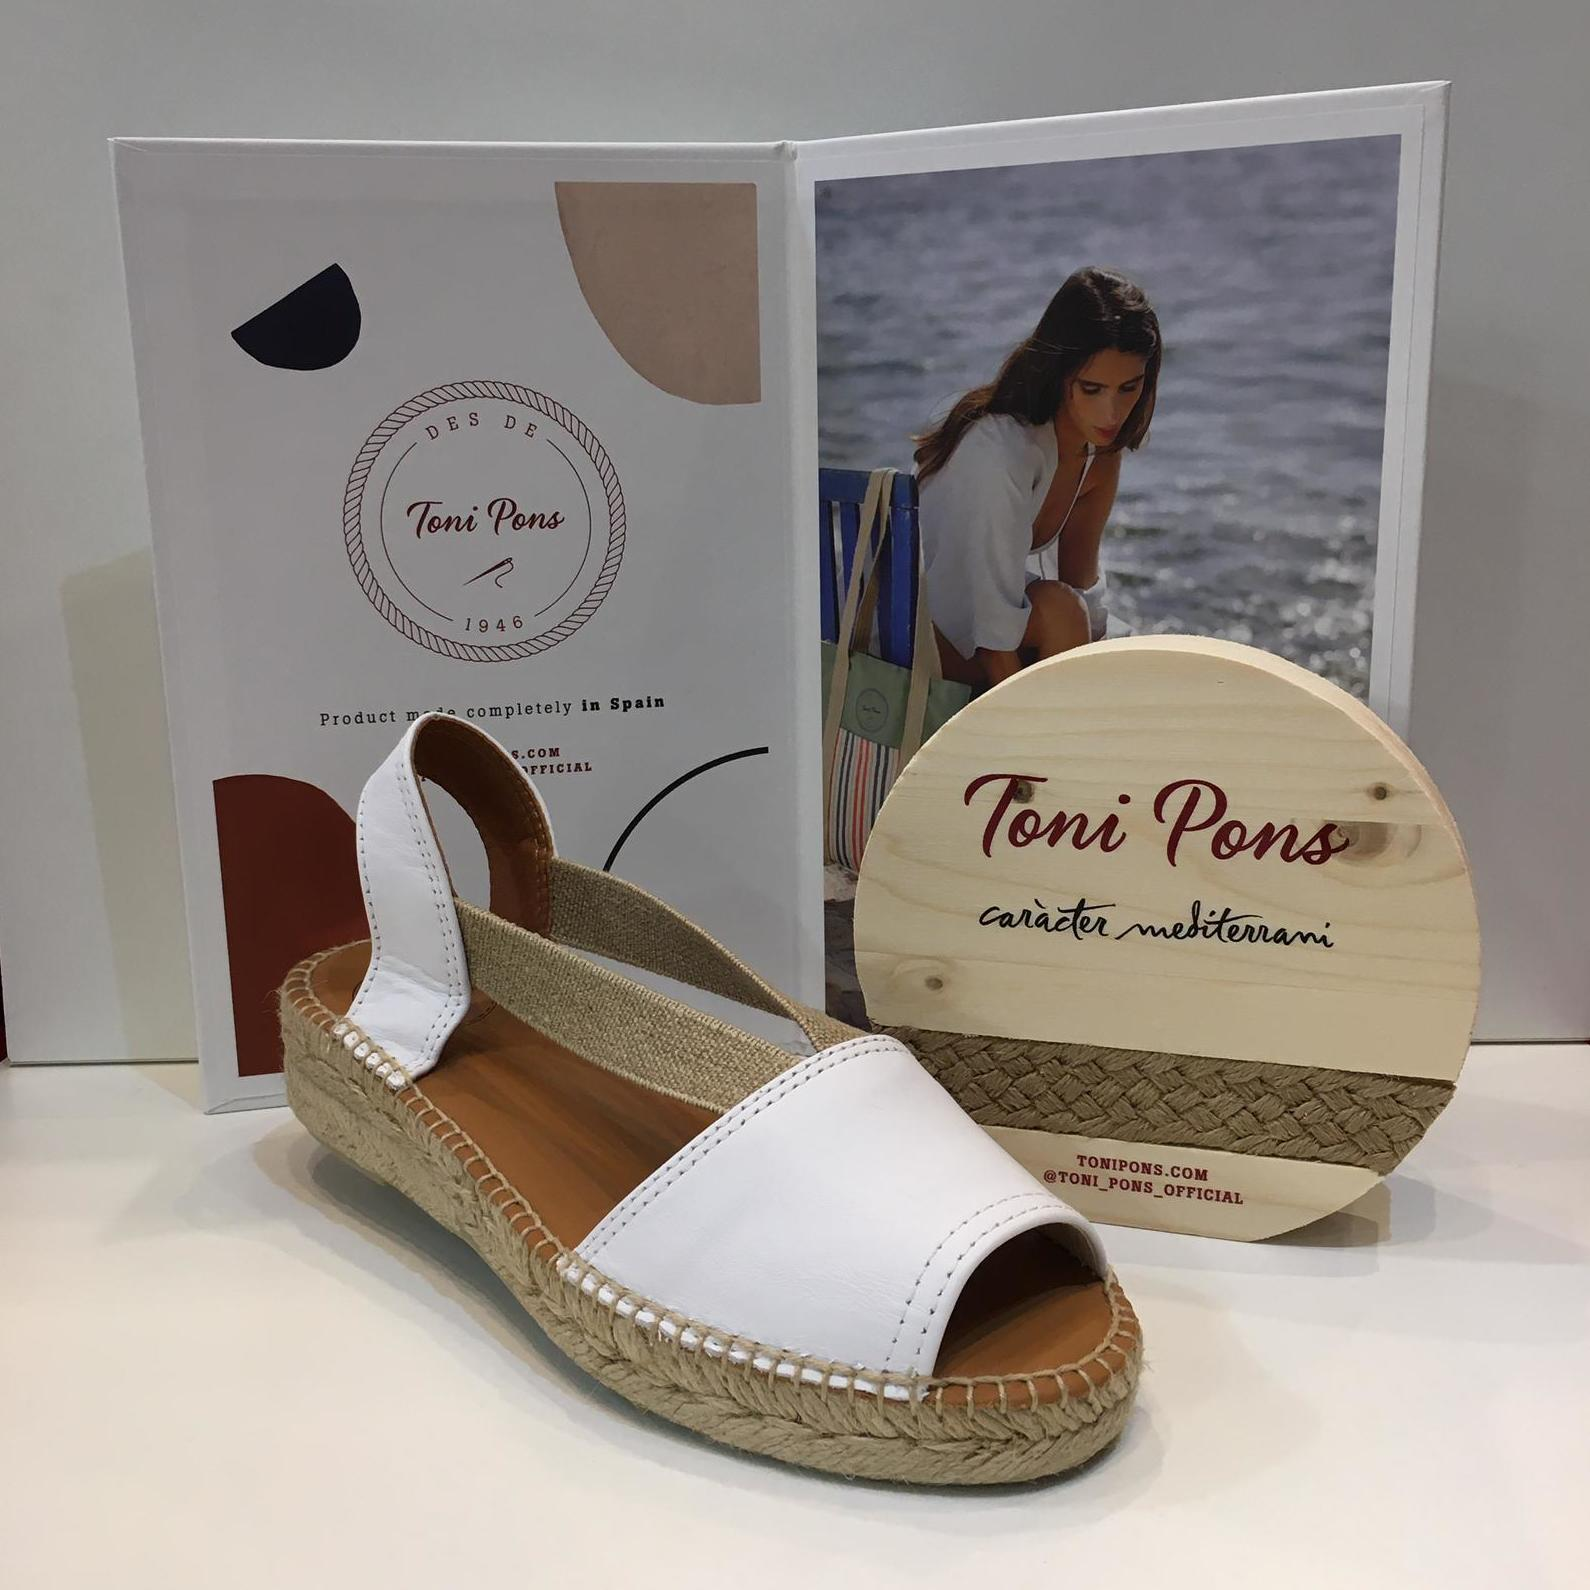 Espardenya d'espart de dona, de la marca Toni Pons, de pell blanca, amb plantilla encoixinada i folrada de pell, amb gomes elàstiques ultrasensibles 59.95€